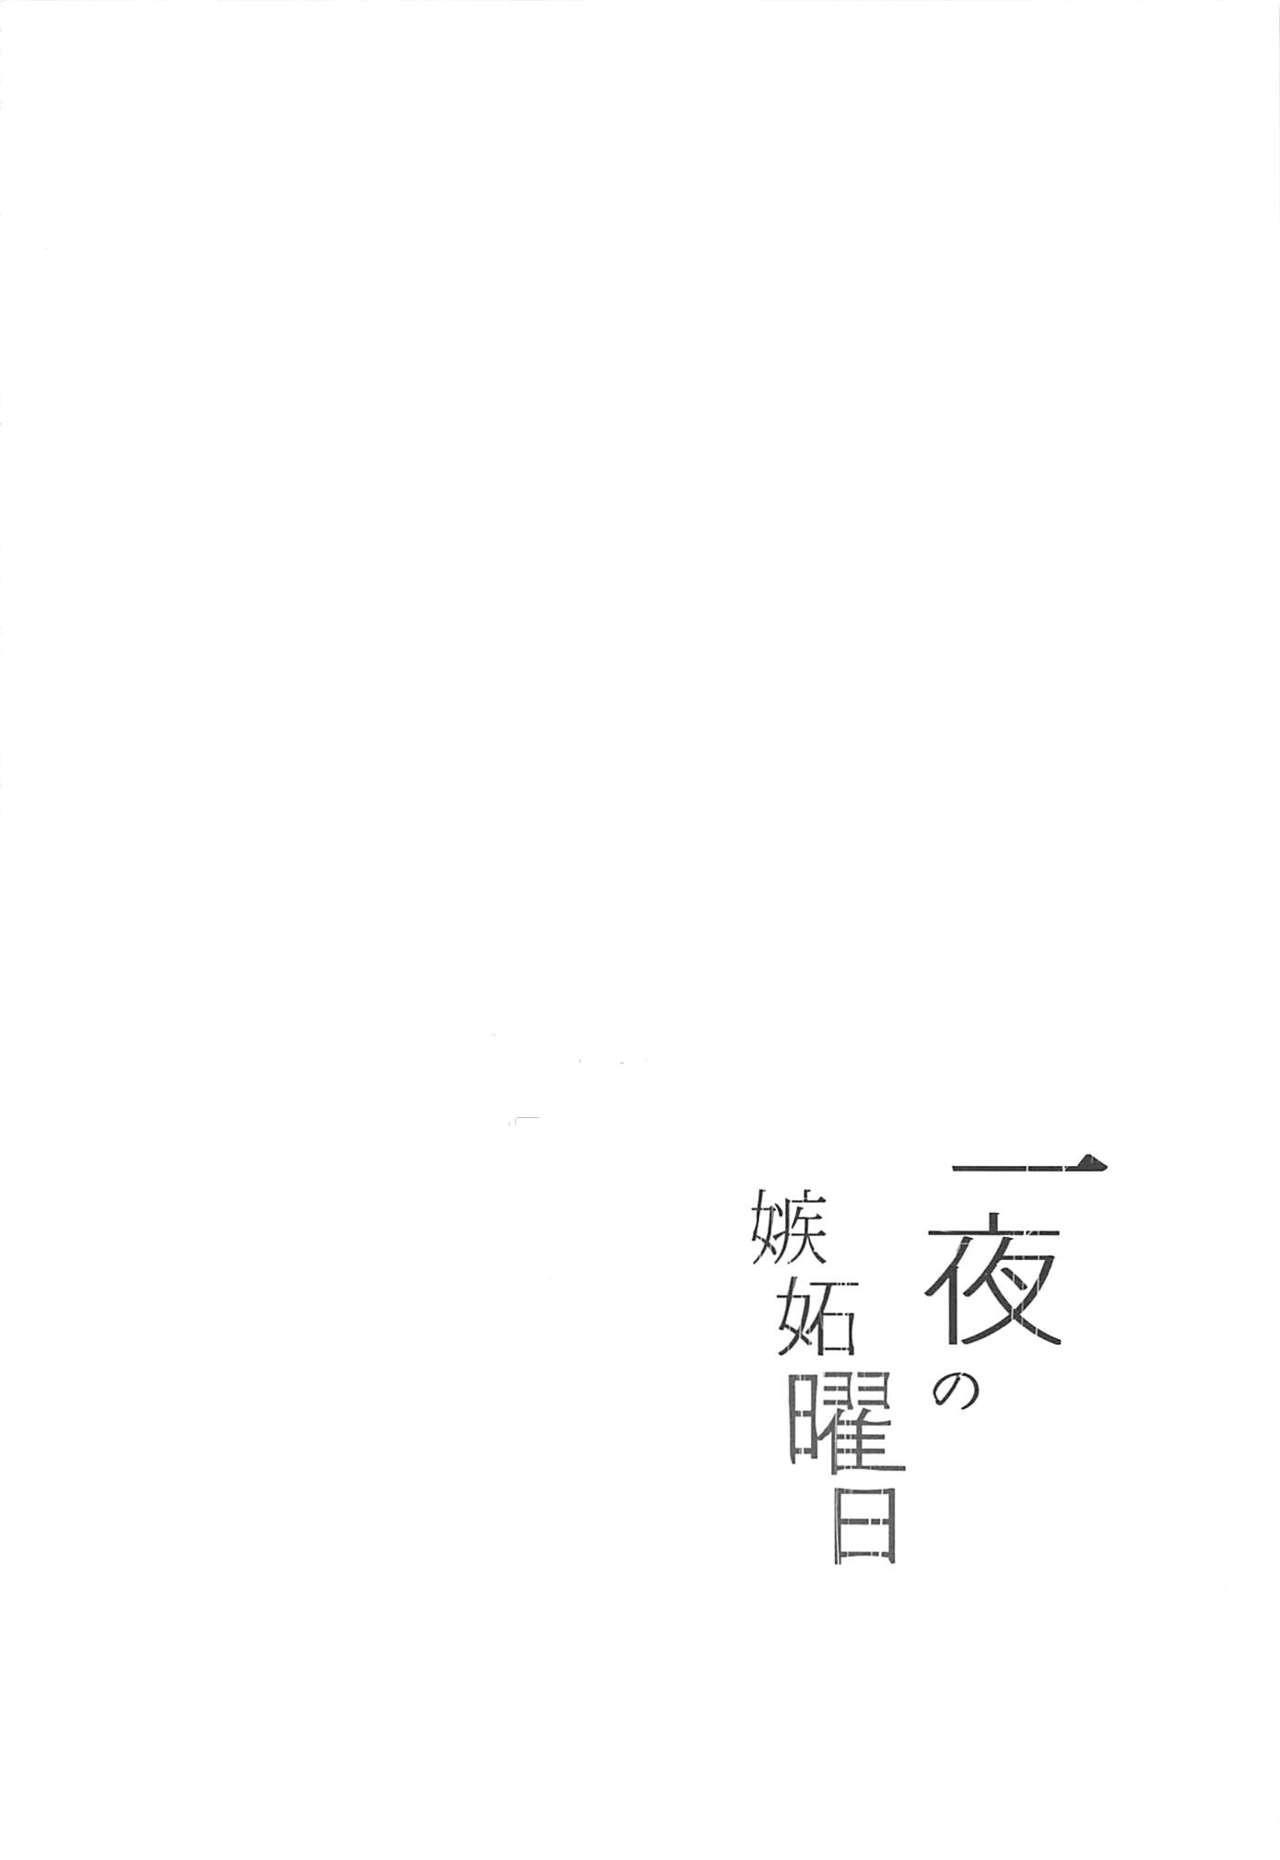 Ichiya no shitto youbi 2